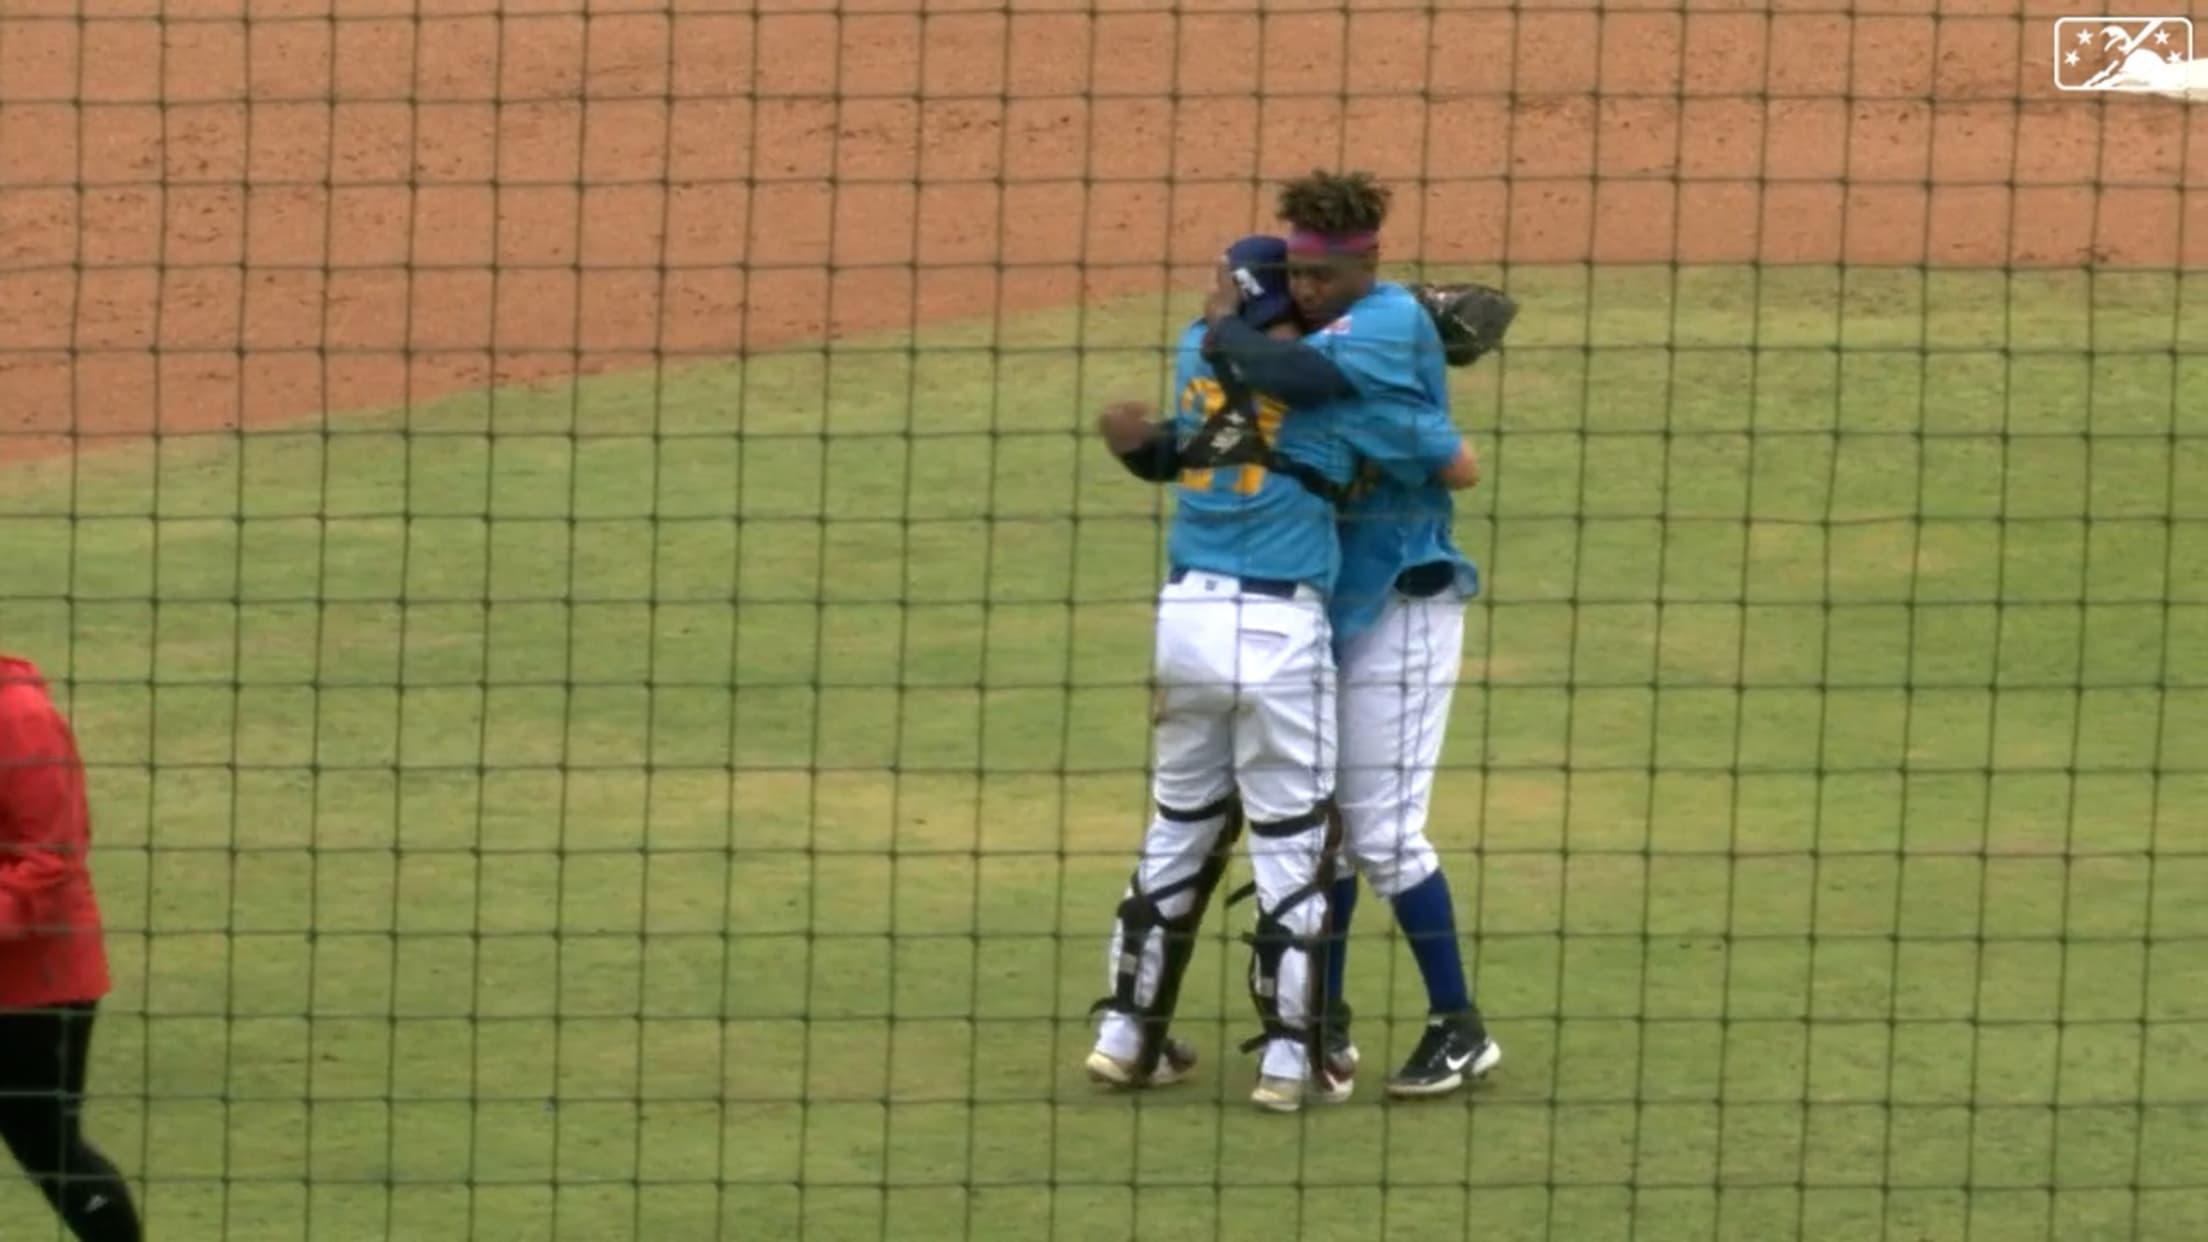 Frías ends seven no-hit innings